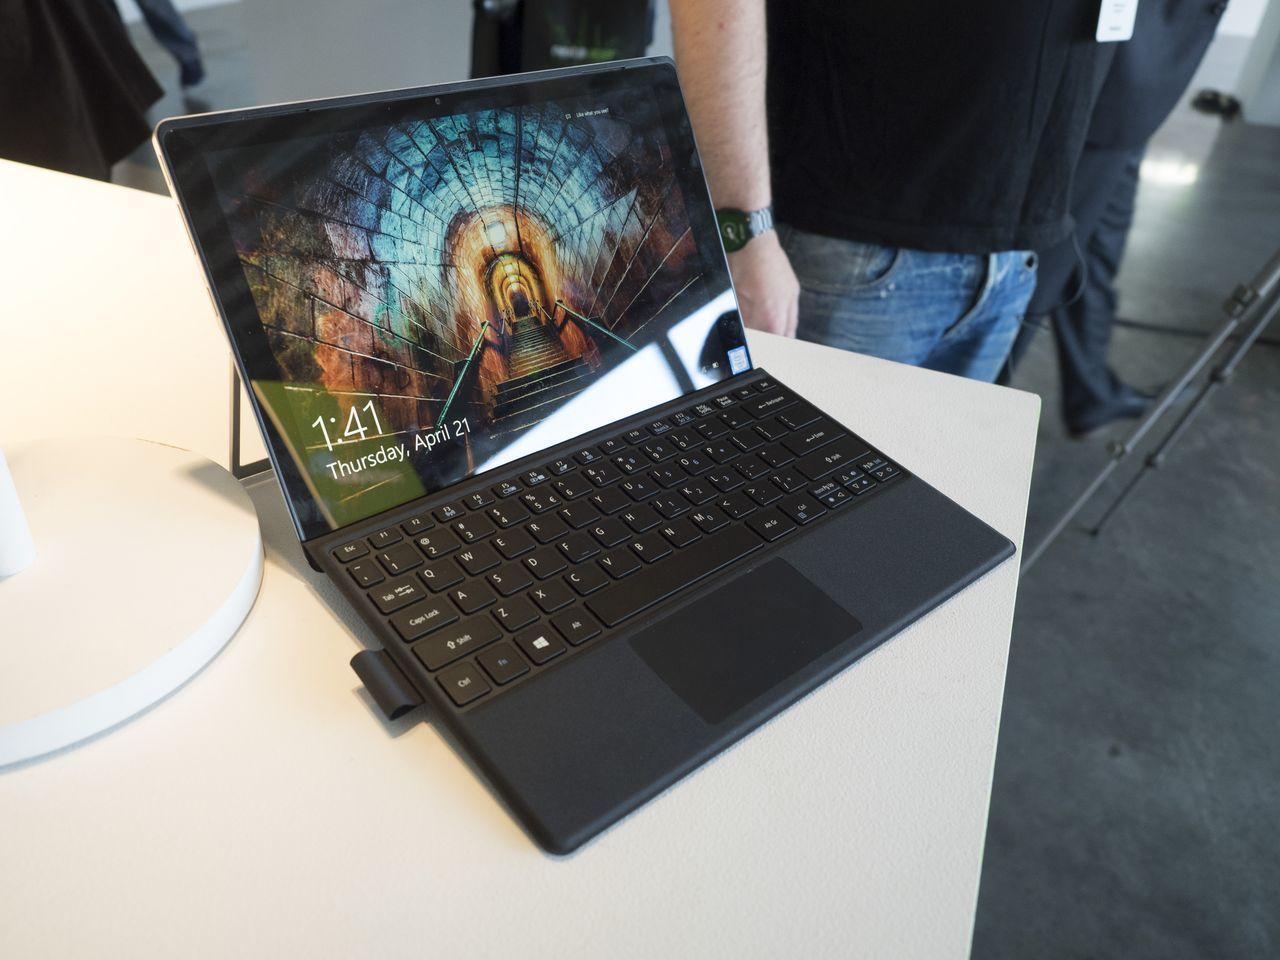 Next@Acer: Самый мощный игровой ноутбук с воздушным охлаждением, велокомпьютер, Chromebook для работы и другие новинки - 13